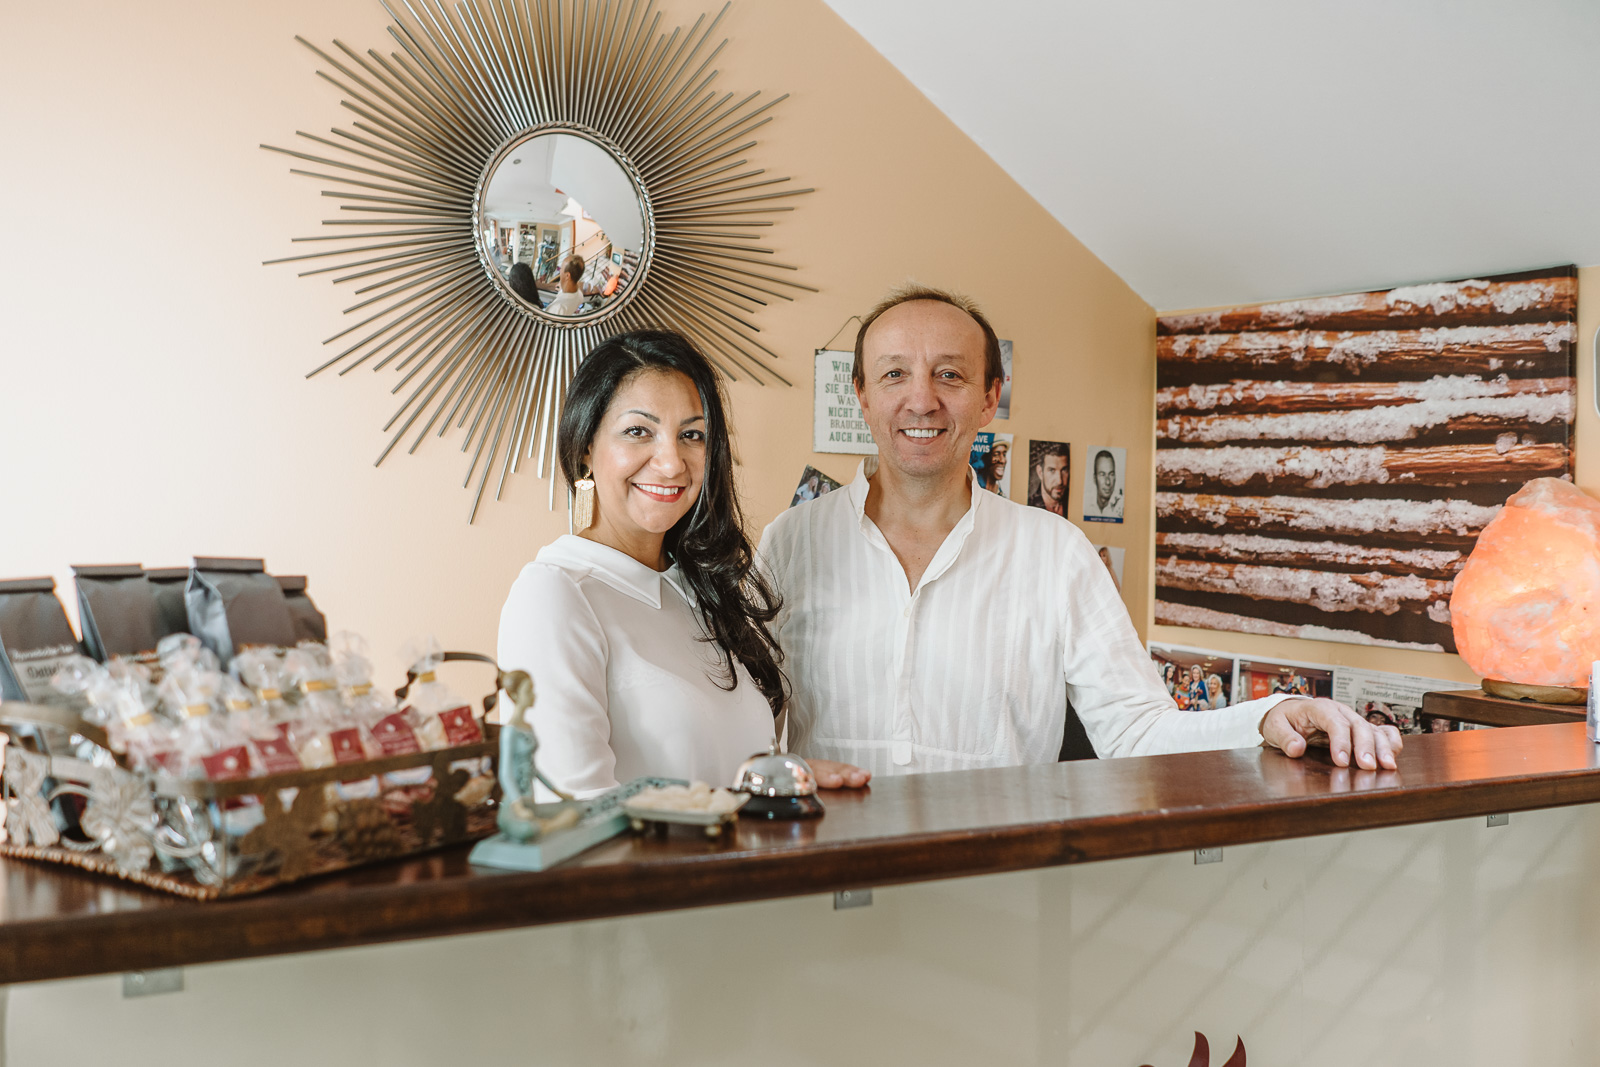 Unternehmensfotografie - Salzgrotte Beuel Vital - Inhaberin Ilham Houma und Herr Görzen am Empfang